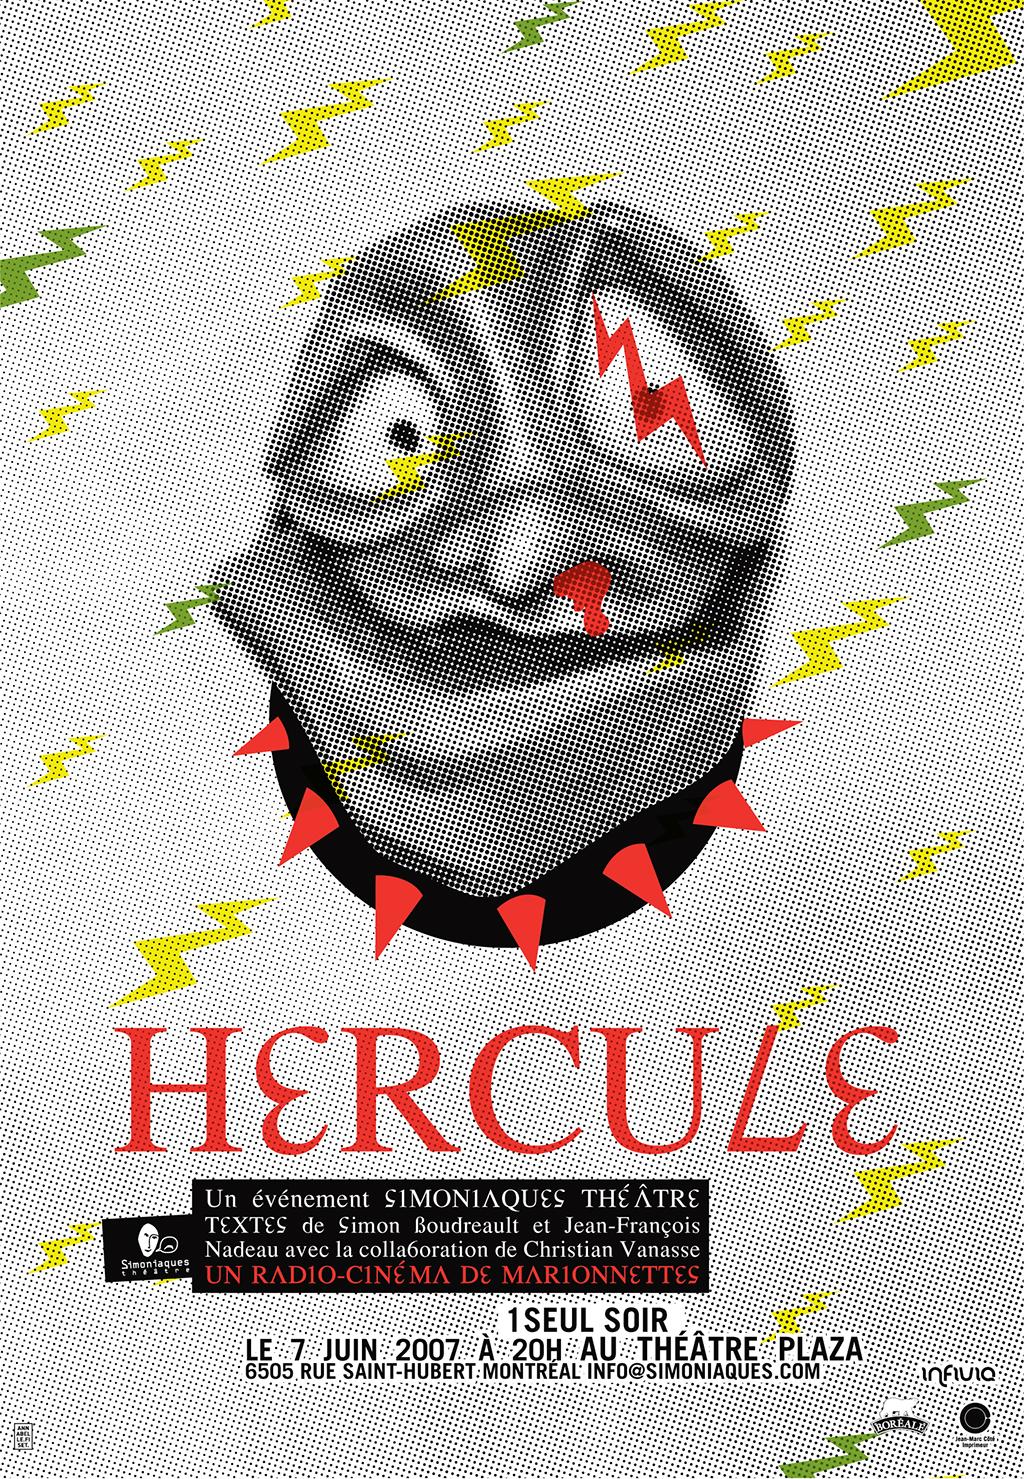 Hercule_poster